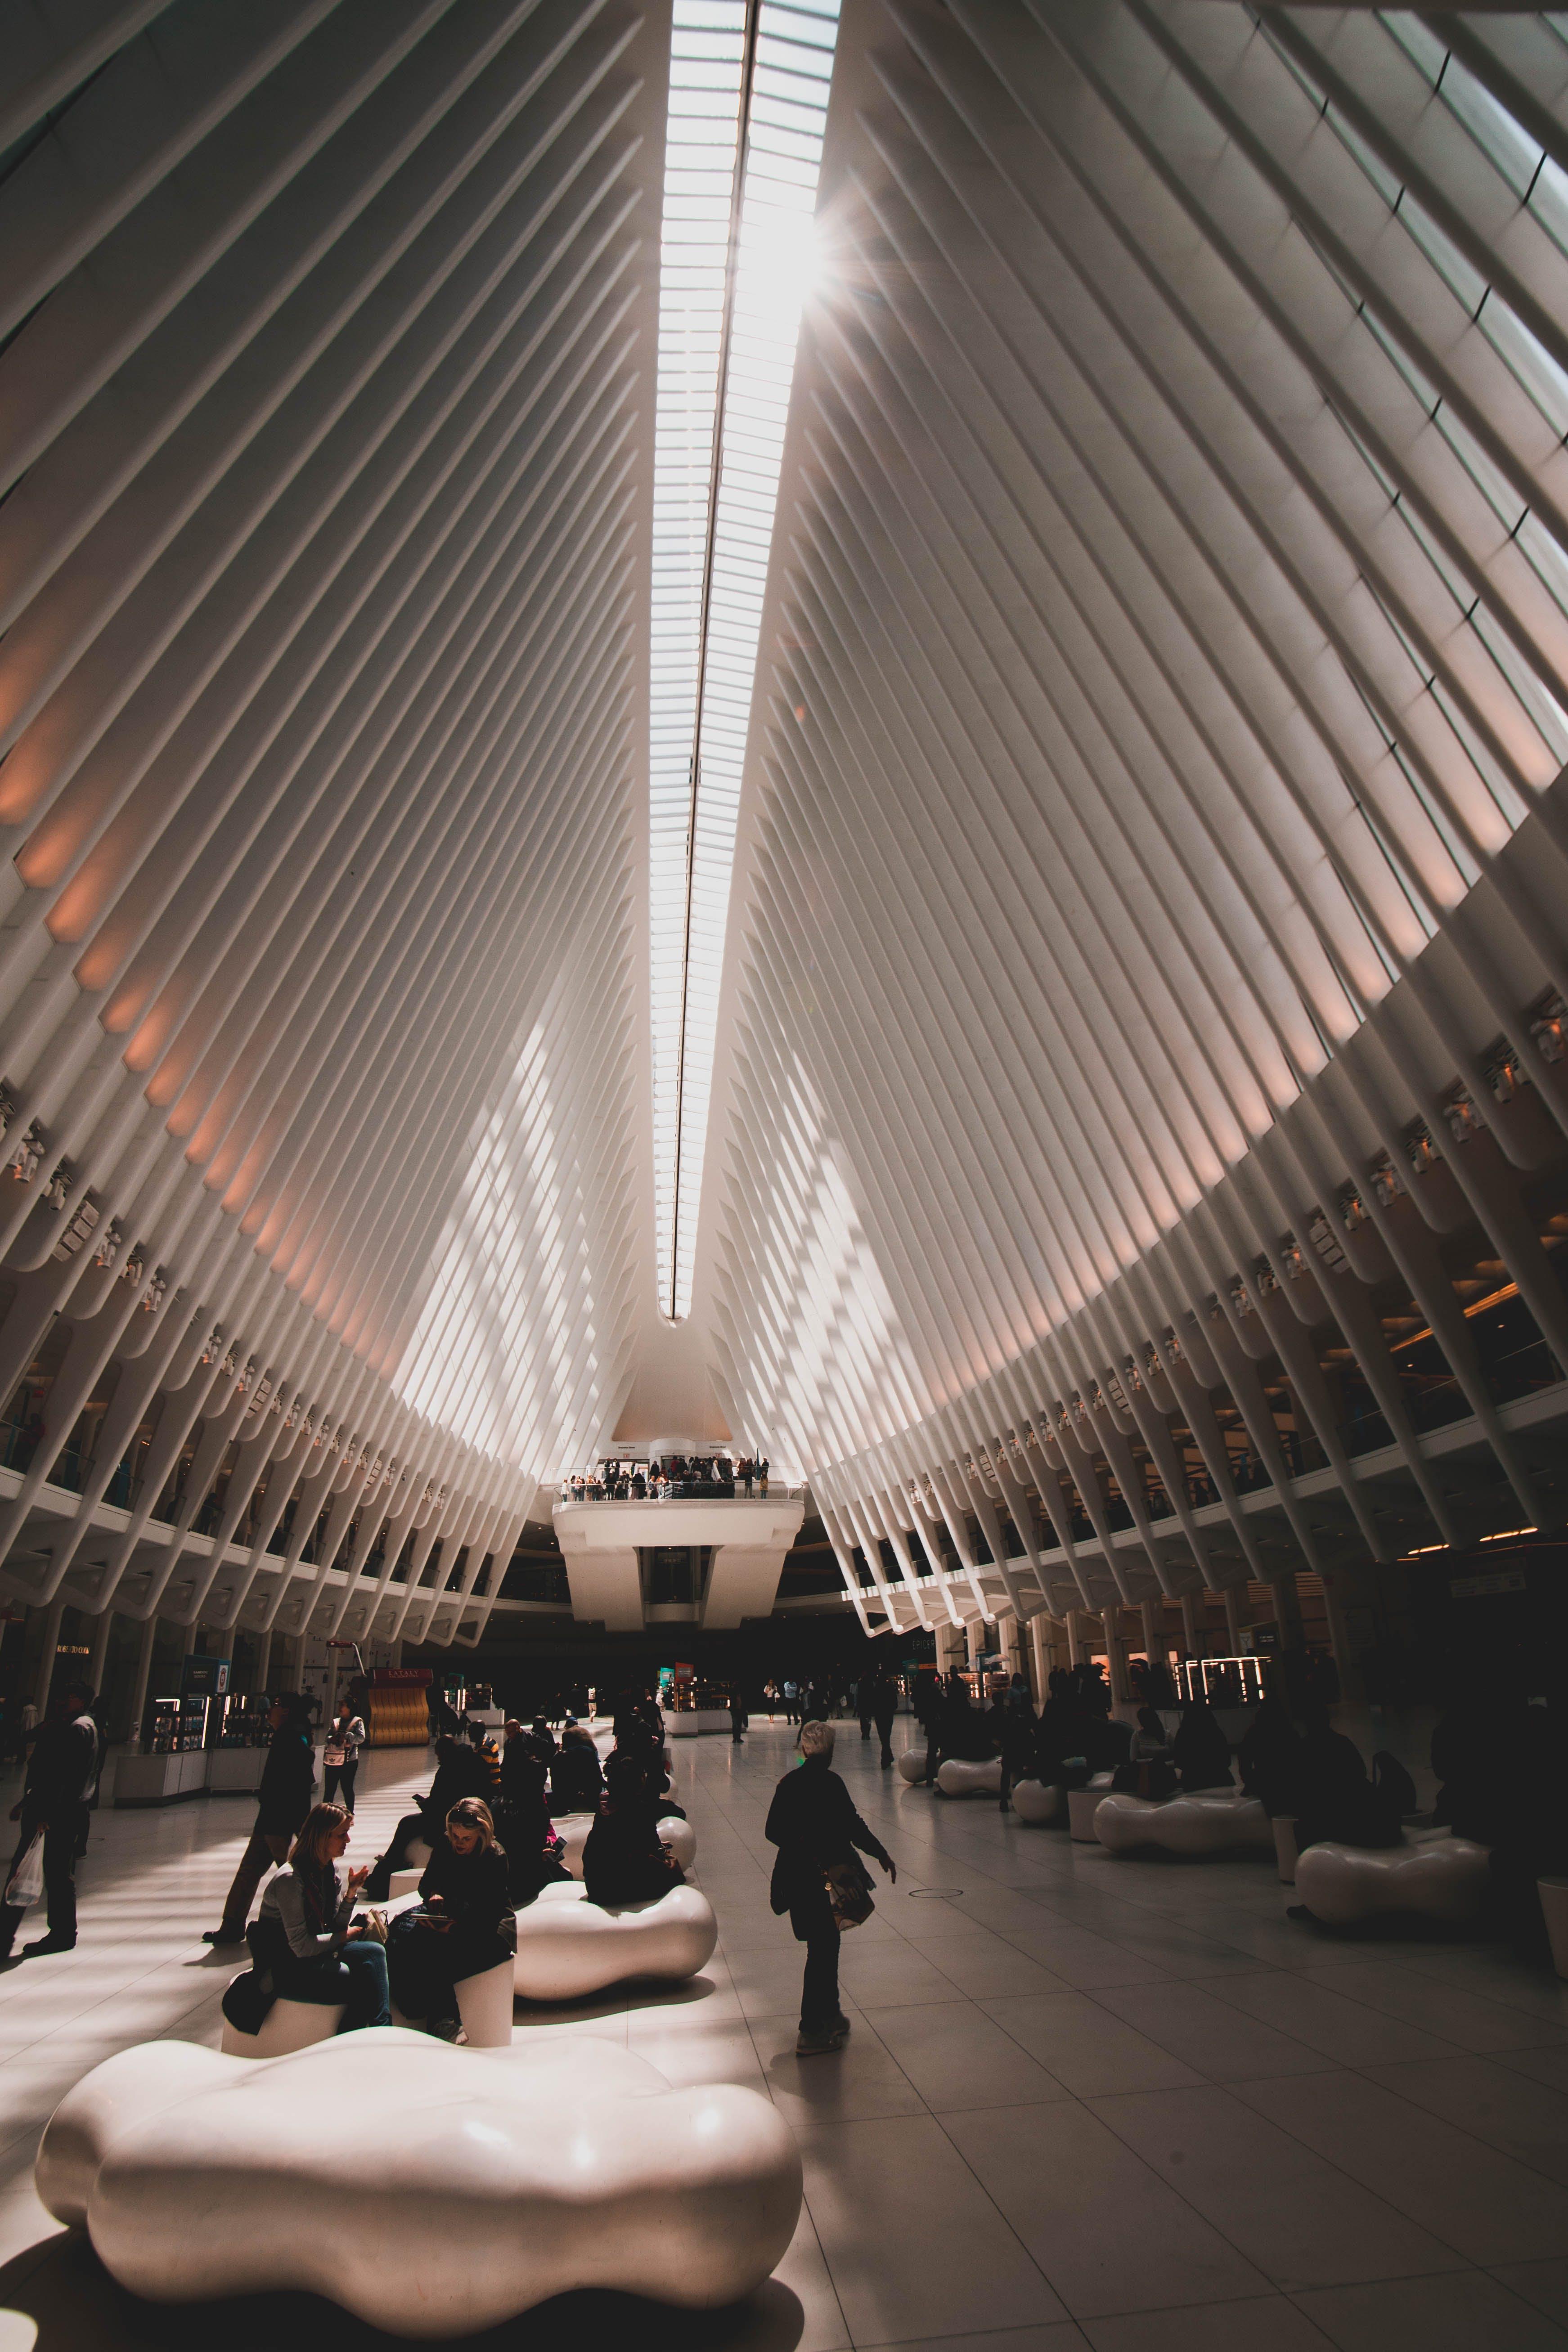 가벼운, 건축, 공항, 교통체계의 무료 스톡 사진